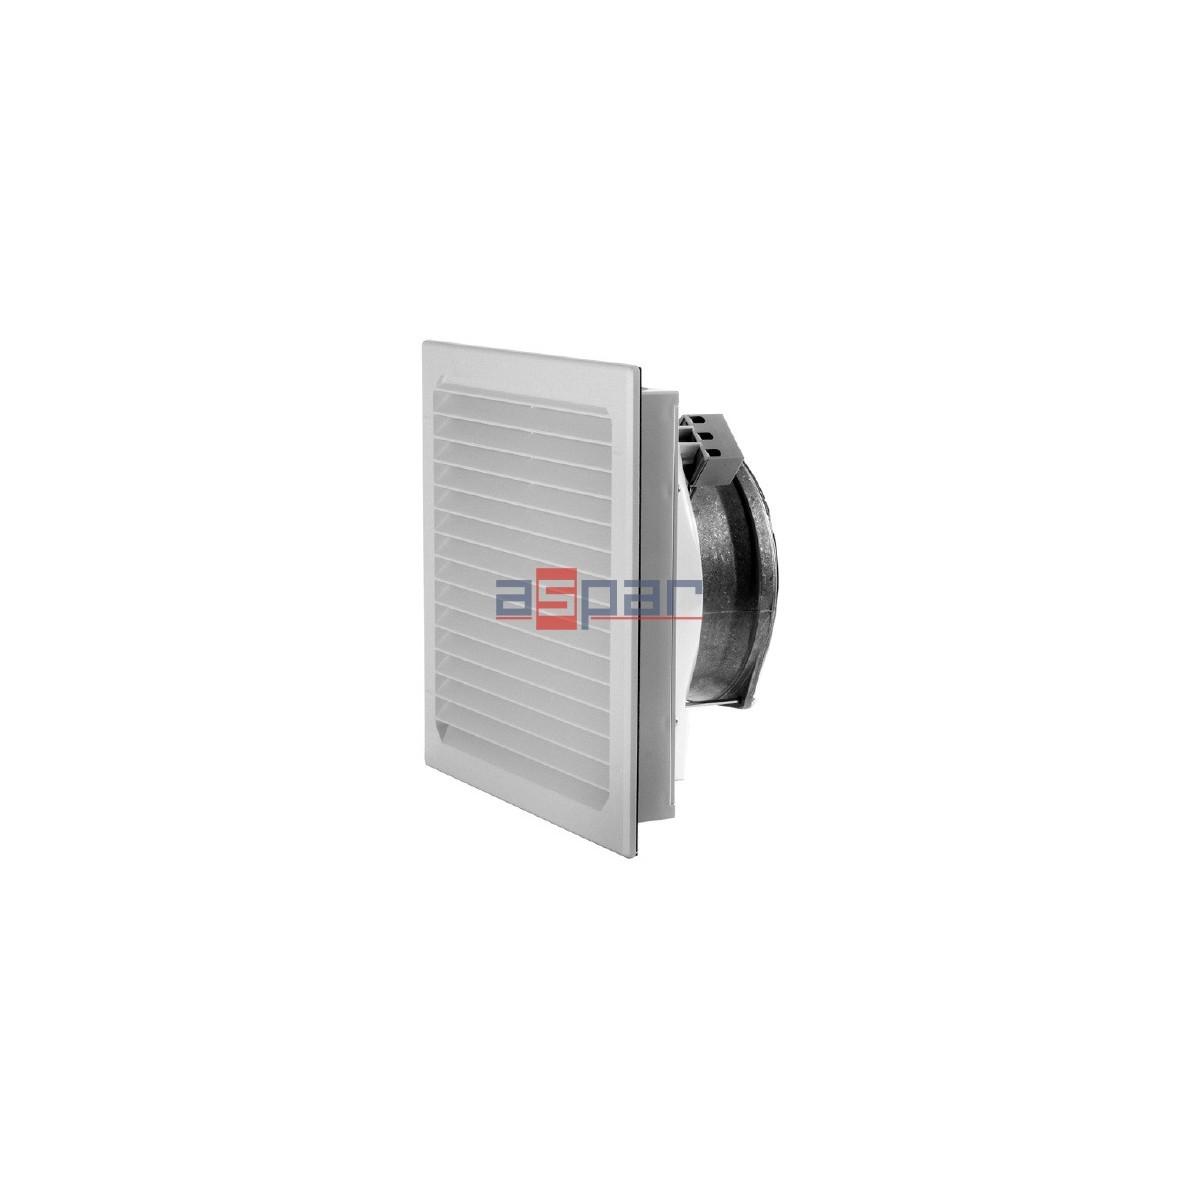 LV 410 230VAC - wentylator filtrujący, 250 x 250mm